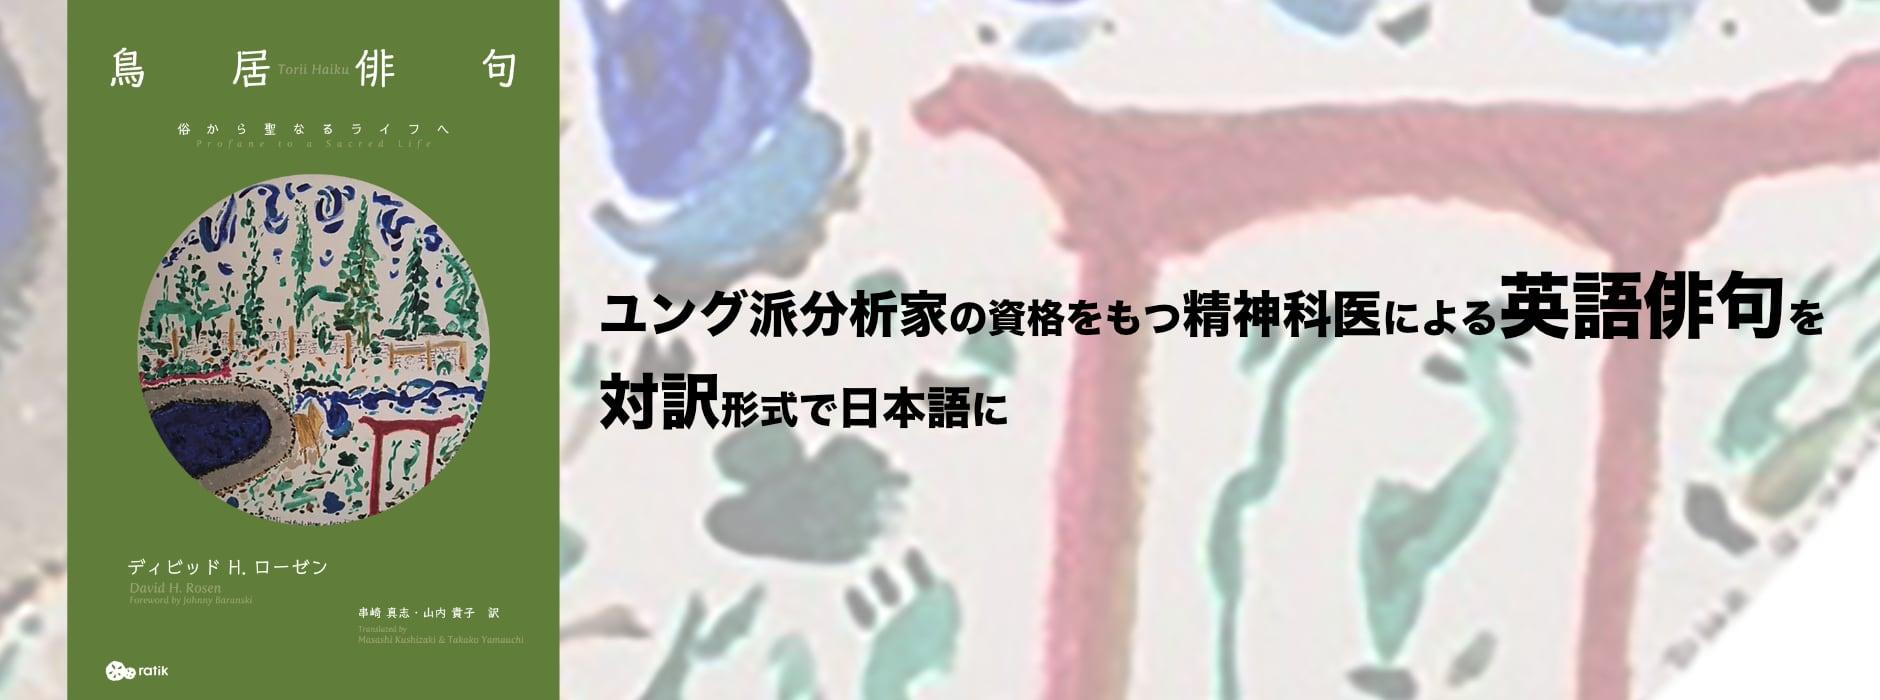 鳥居俳句:俗から聖なるライフへ